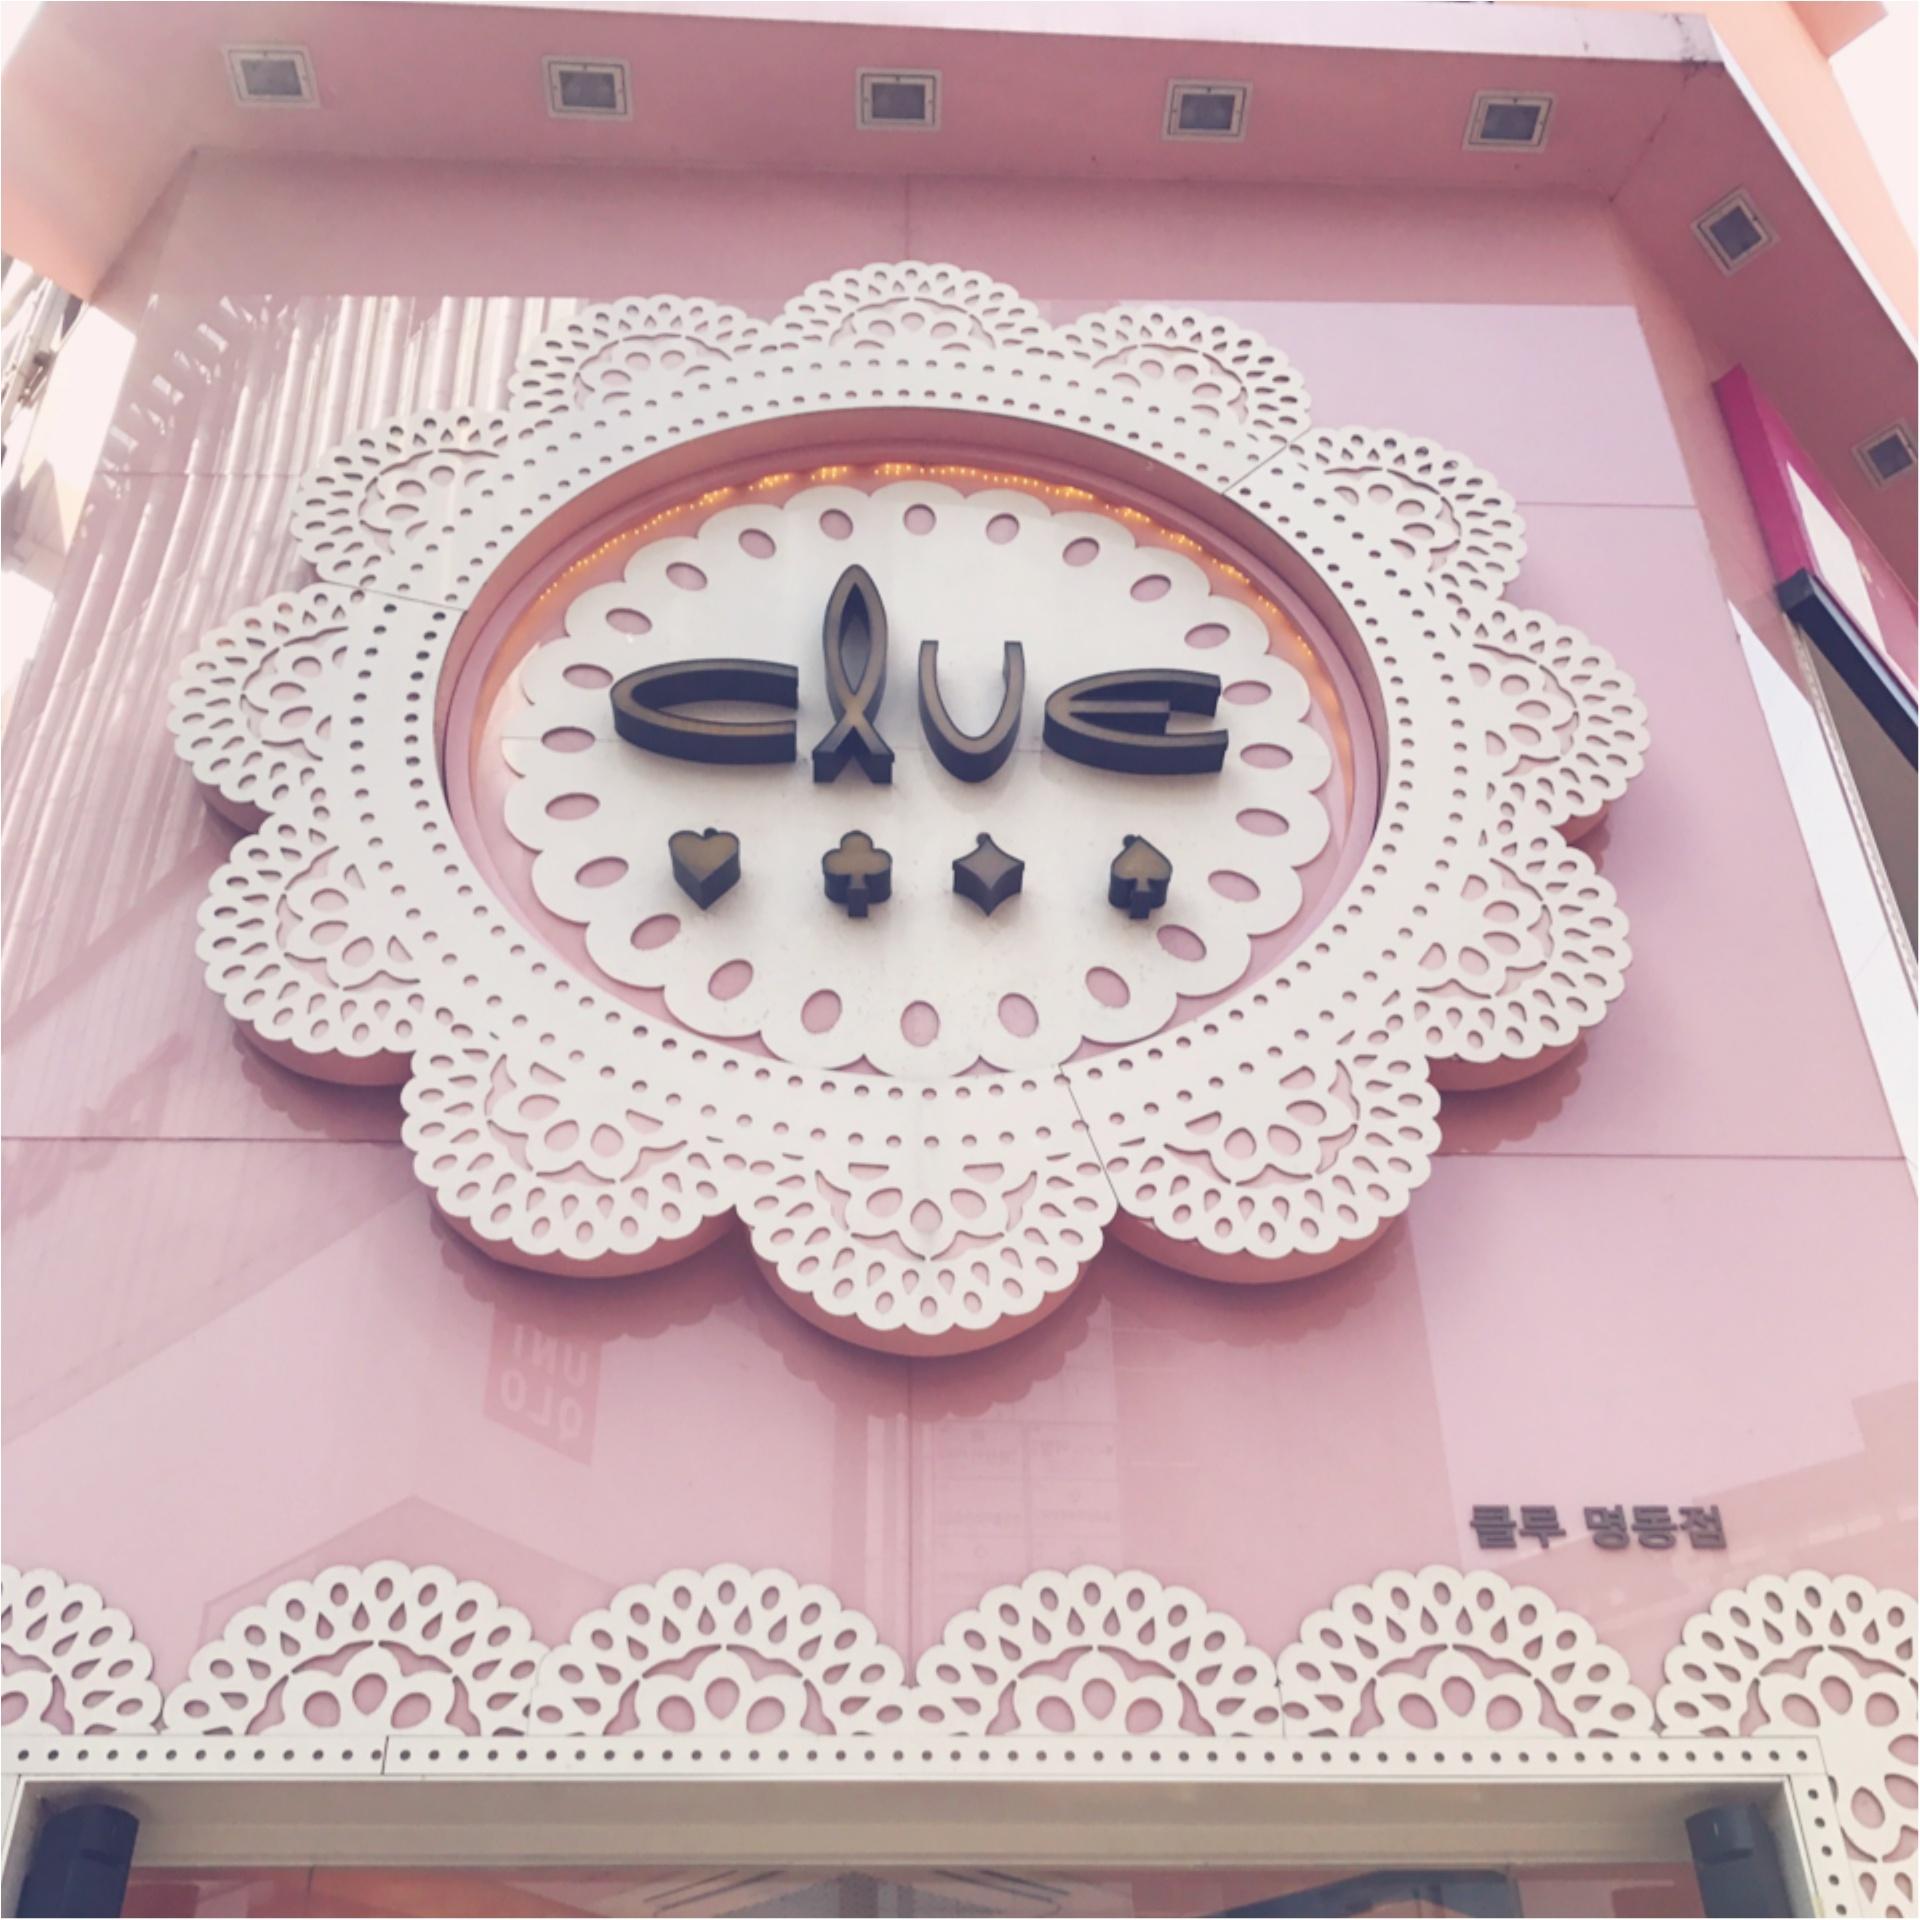 ★お土産にも?!オシャレな人にピッタリ♡韓国女子の定番『CLUE』が人気の訳とは!?★_1